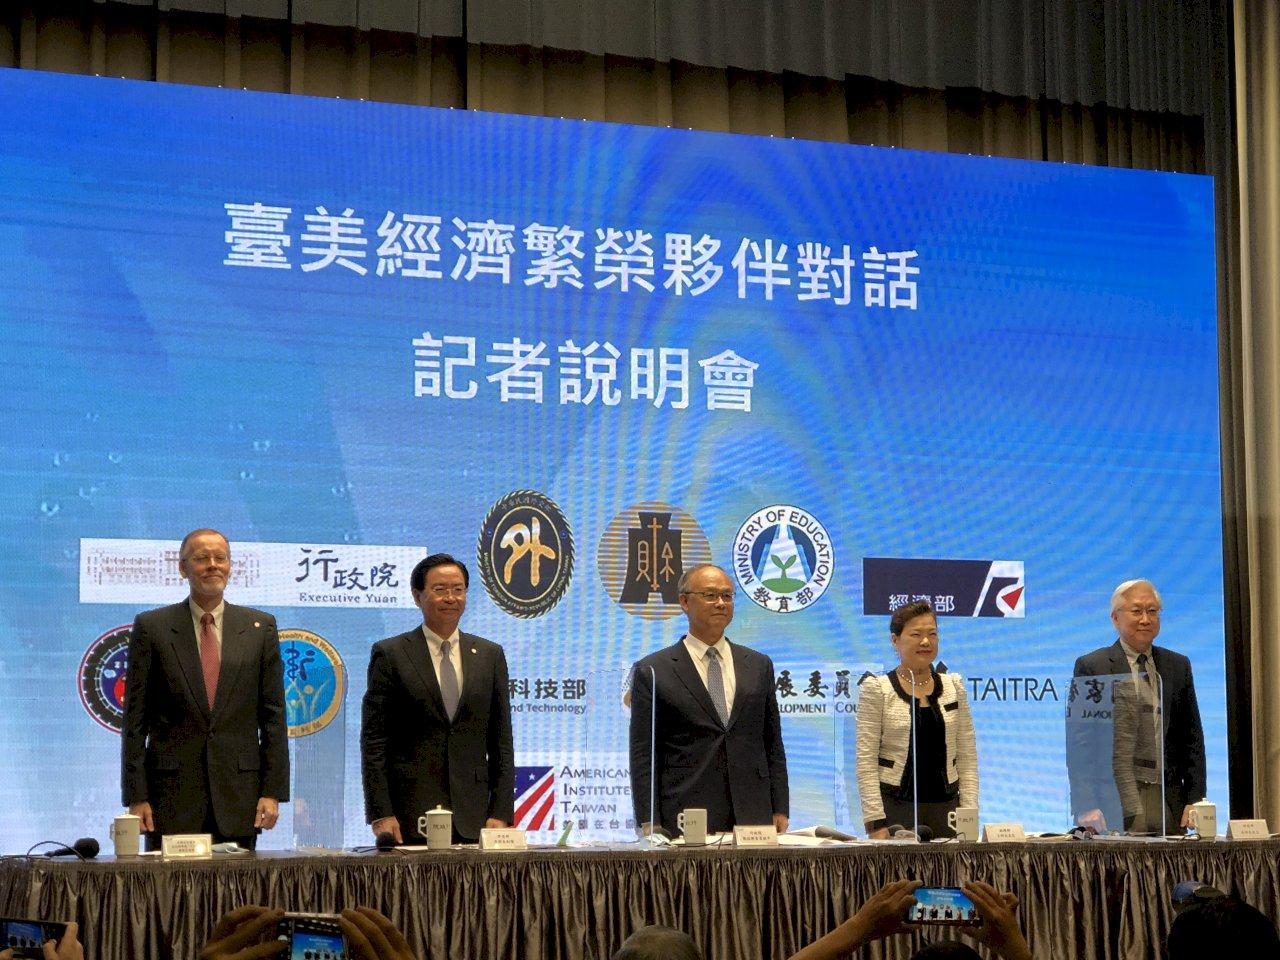 台美簽署MOU聚焦七大議題 半導體供應鏈列優先項目